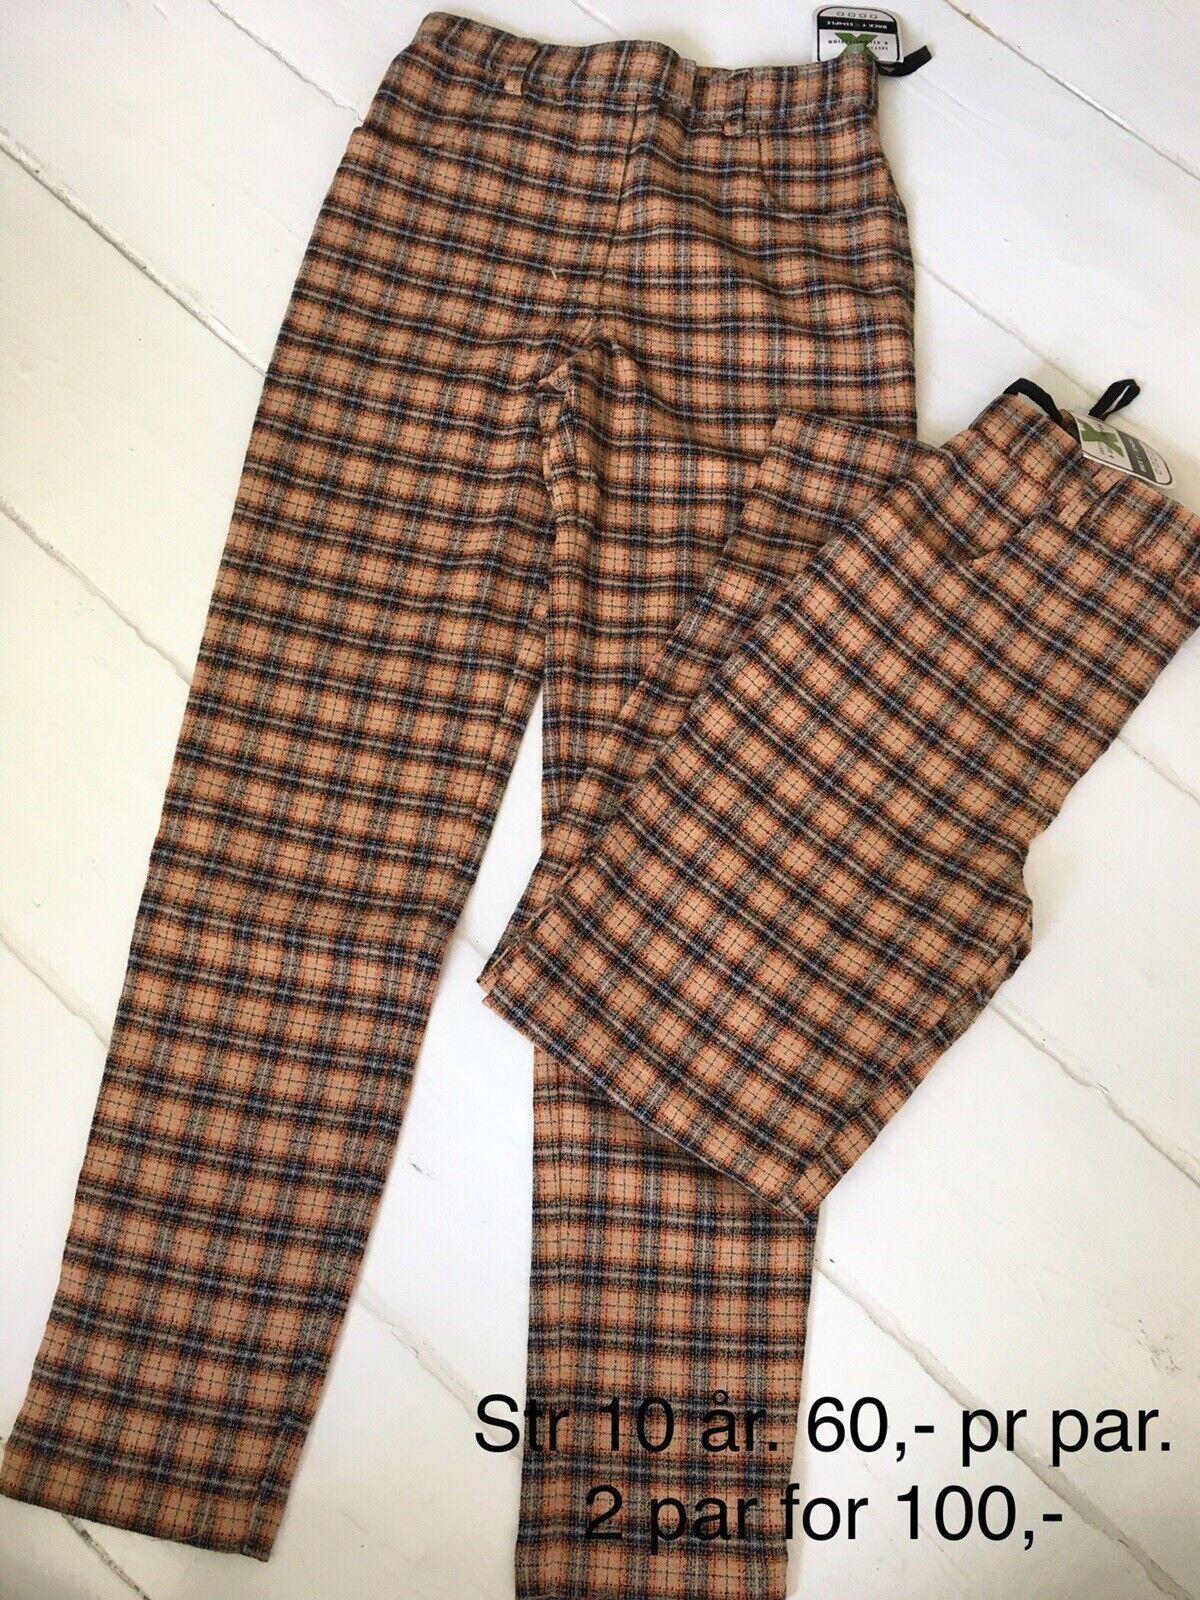 Bukser, Ternede bukser 4 par, Dxel